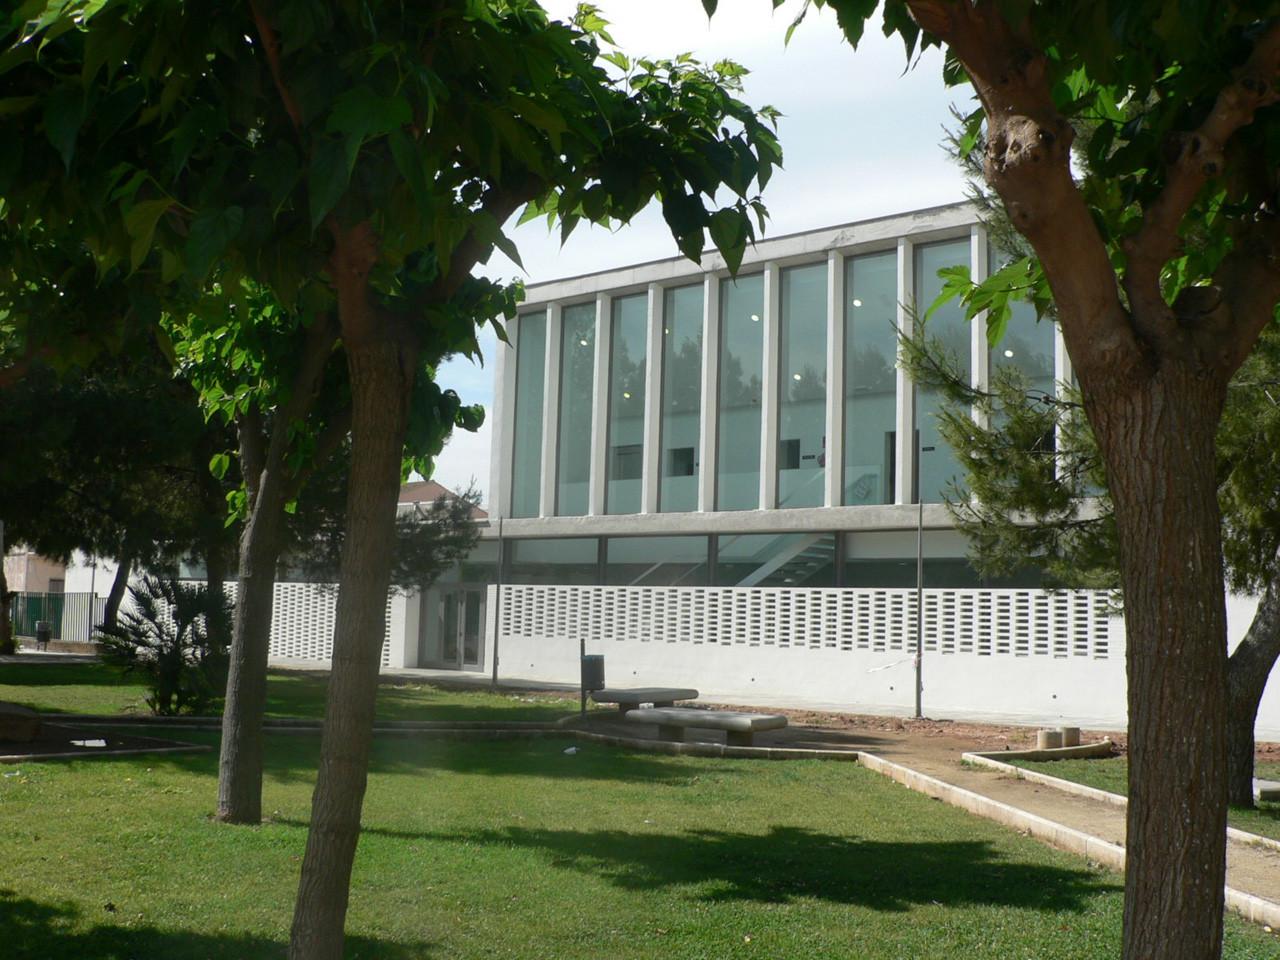 Consultorio Auxiliar / Fernández Soler Monrabal Arquitectos, © Carlos Soler Monrabal